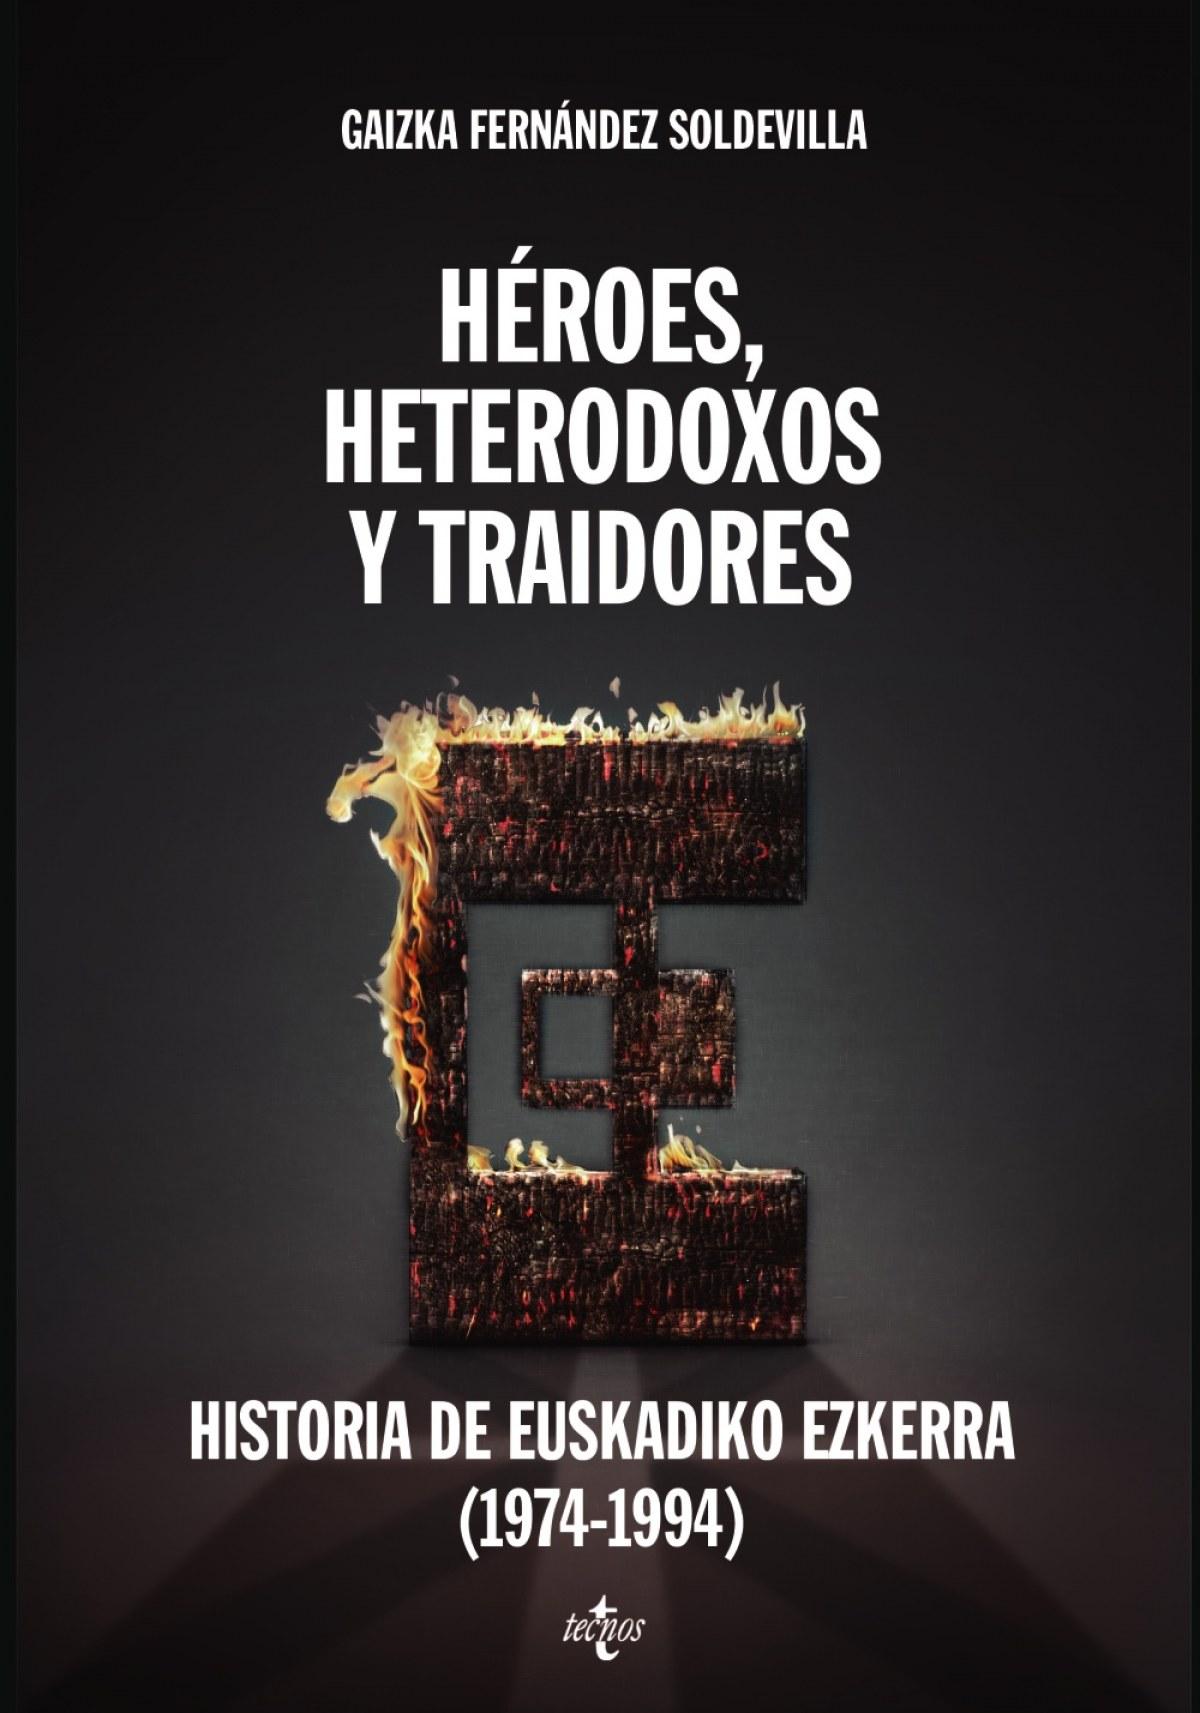 HéROES, HETERODOXOS Y TRAIDORES